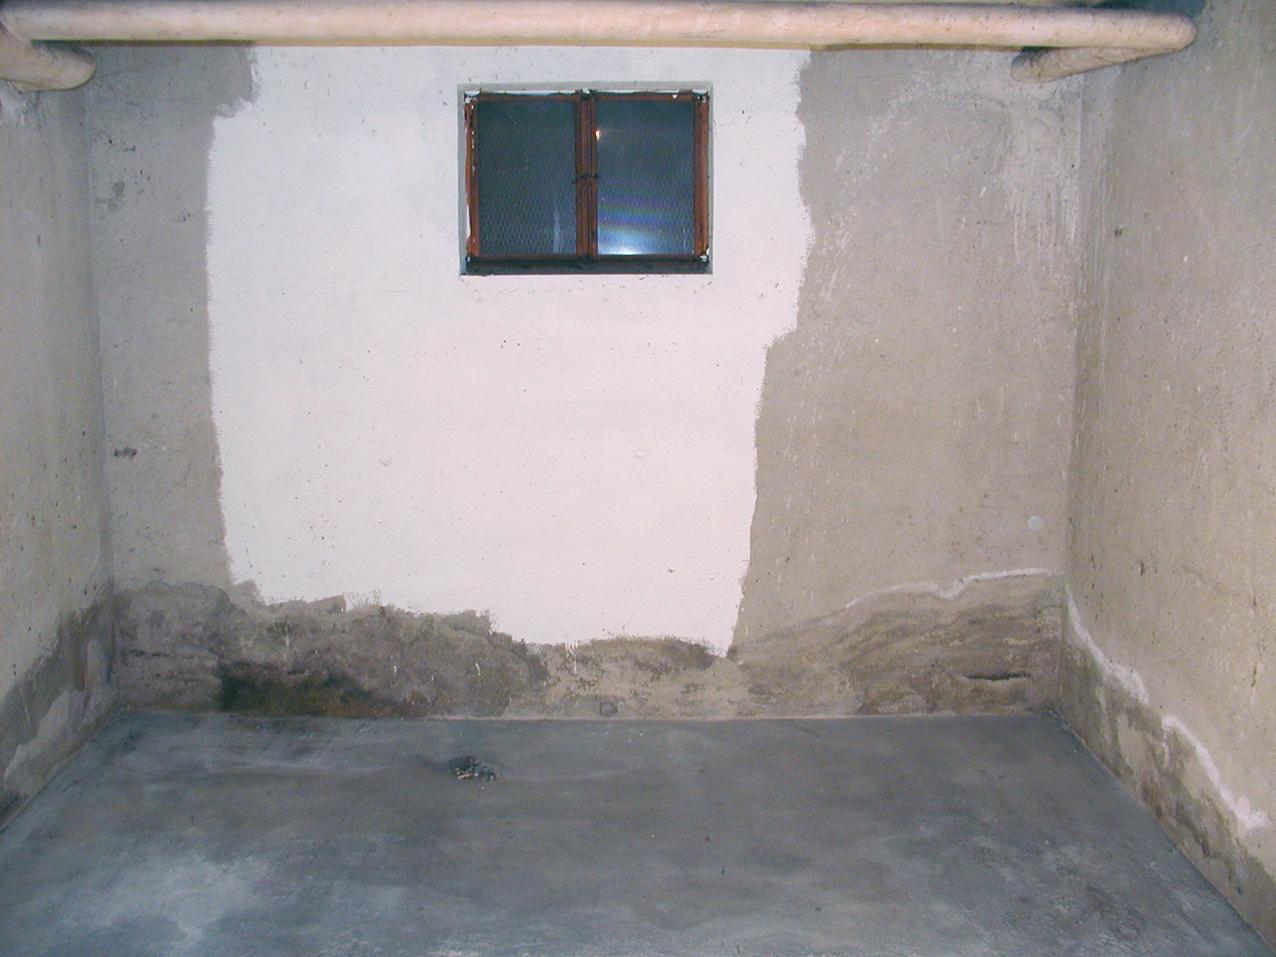 Horizontalabdichtung Wohnhaus - Fenselau Bautenschutz